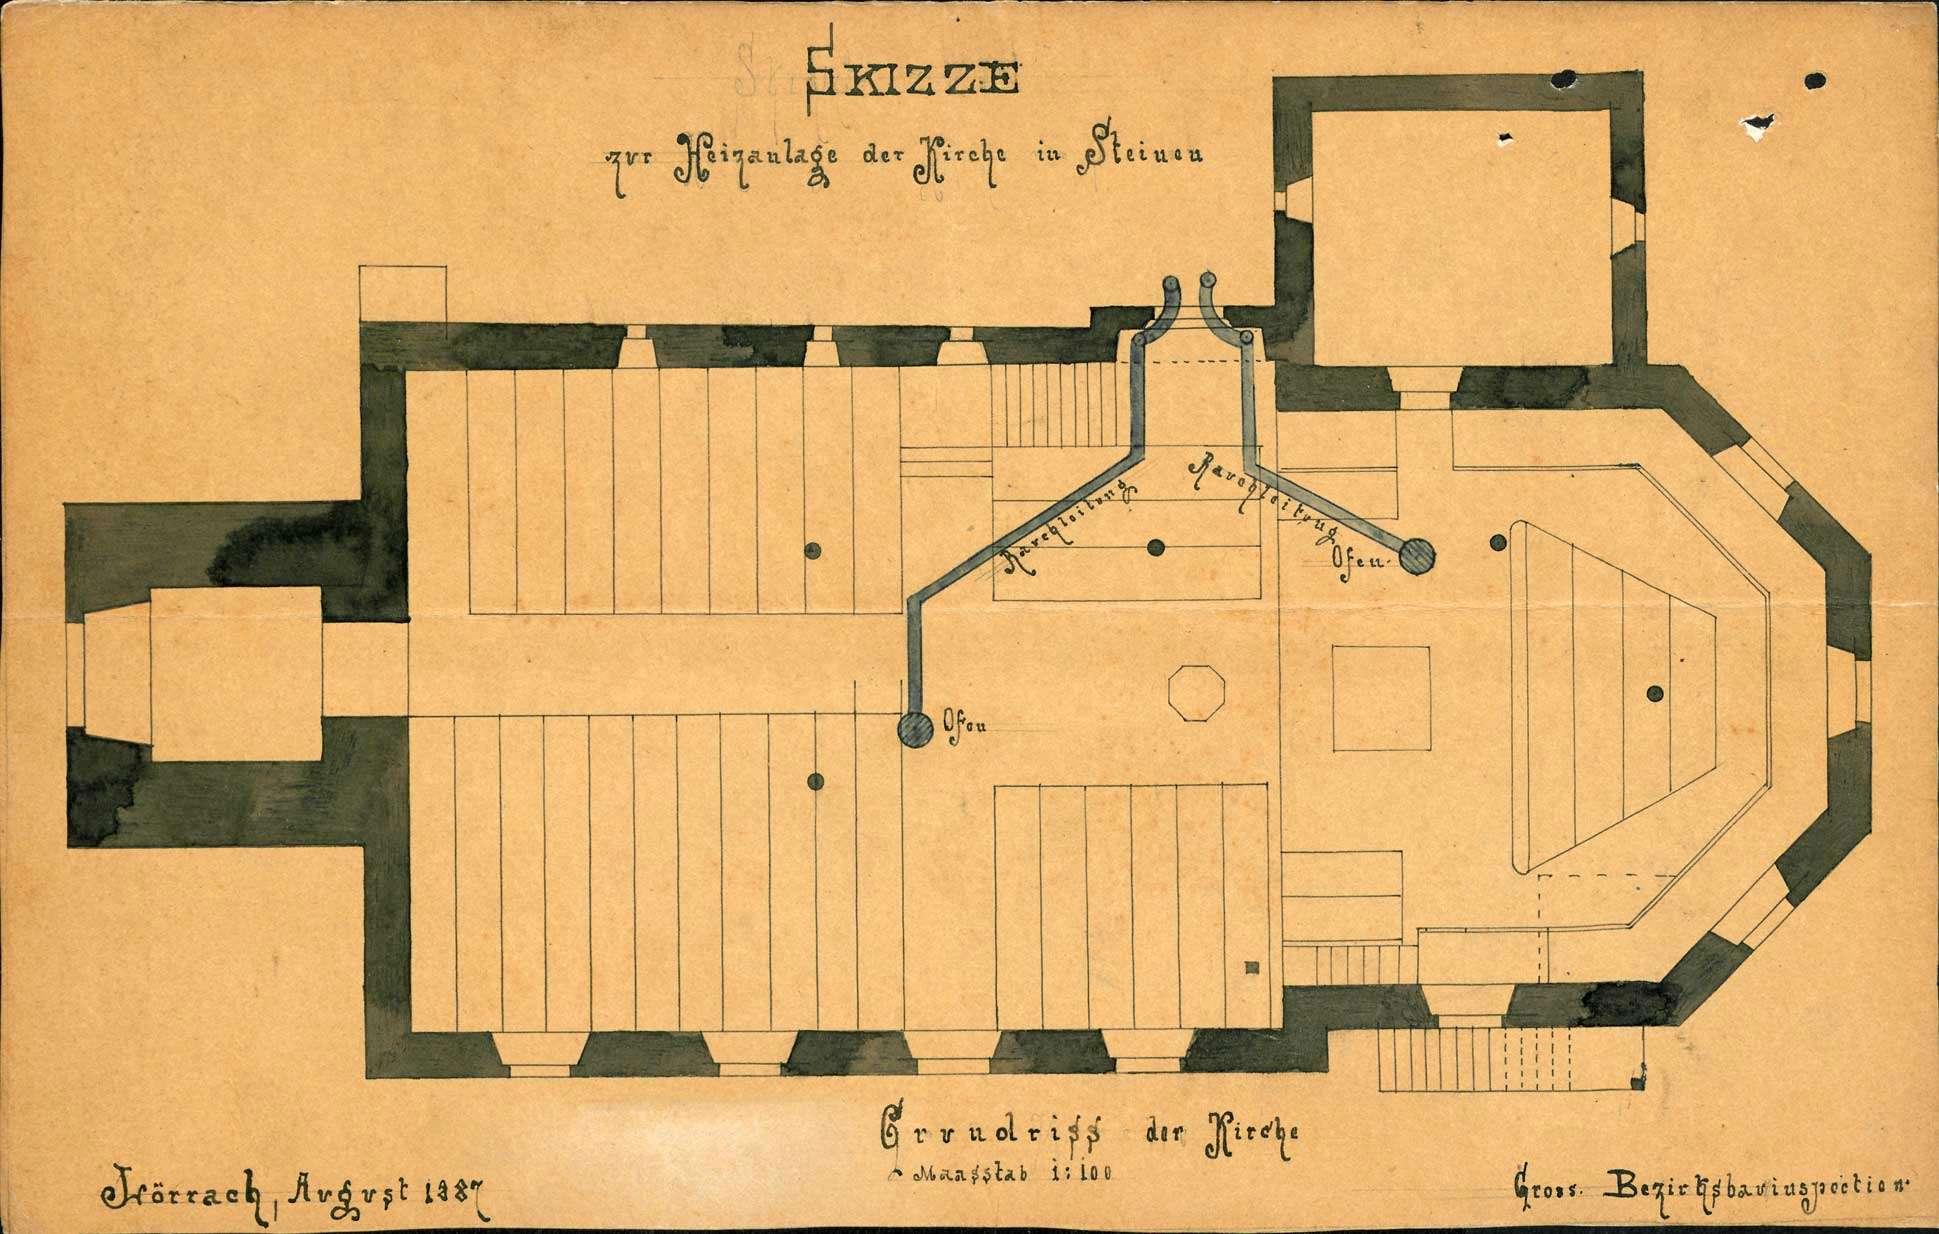 Bau und Unterhaltung der evangelischen Kirche in Steinen, Bild 1